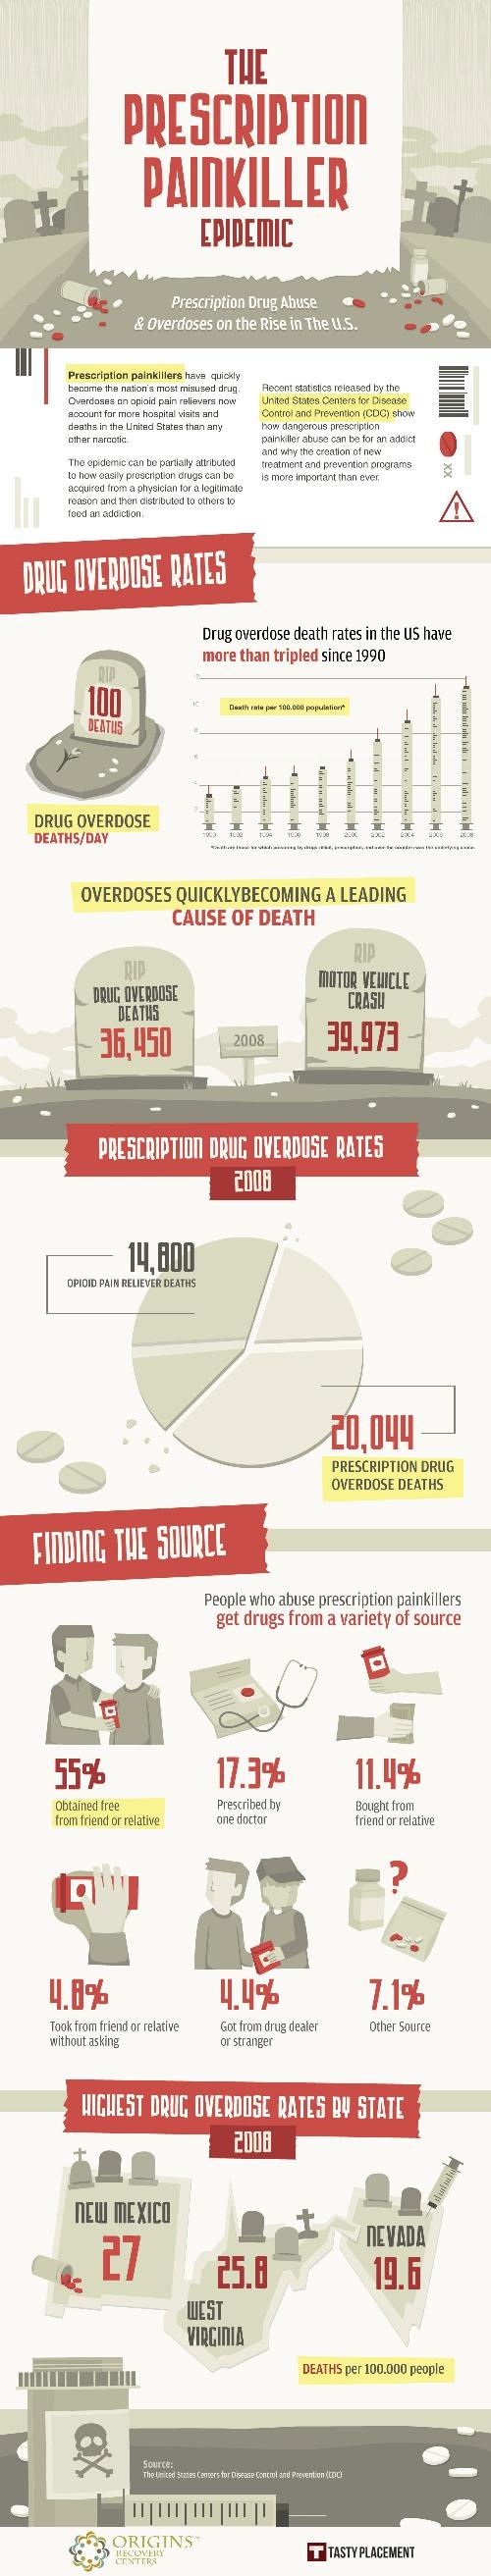 Painkiller Infographic Full Size